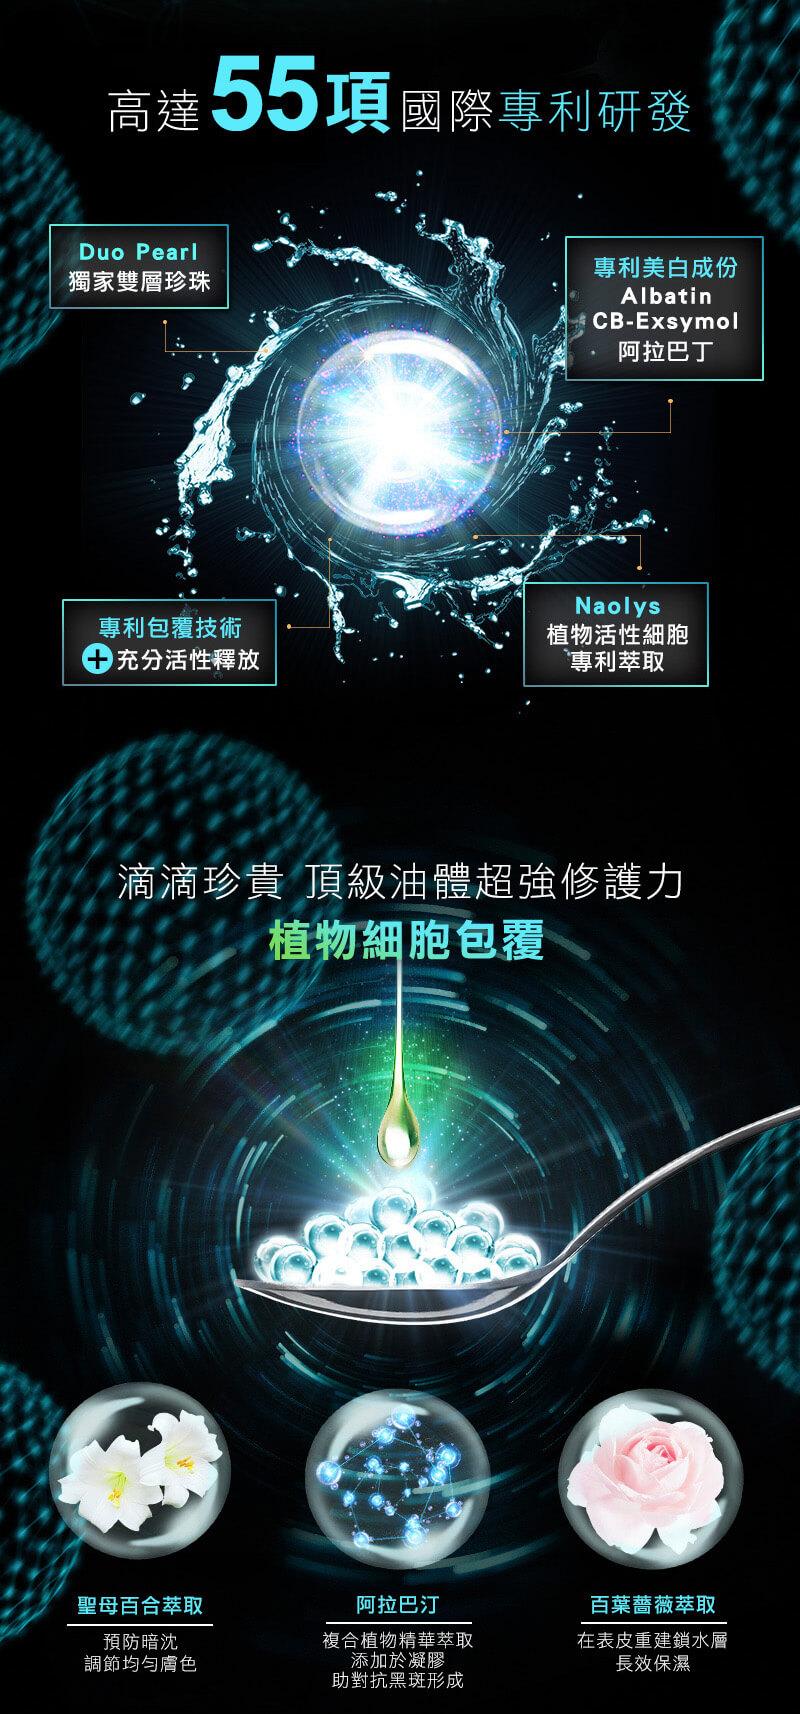 DR.CINK瞬白激光魚子亮采晶粹-白魚子精華